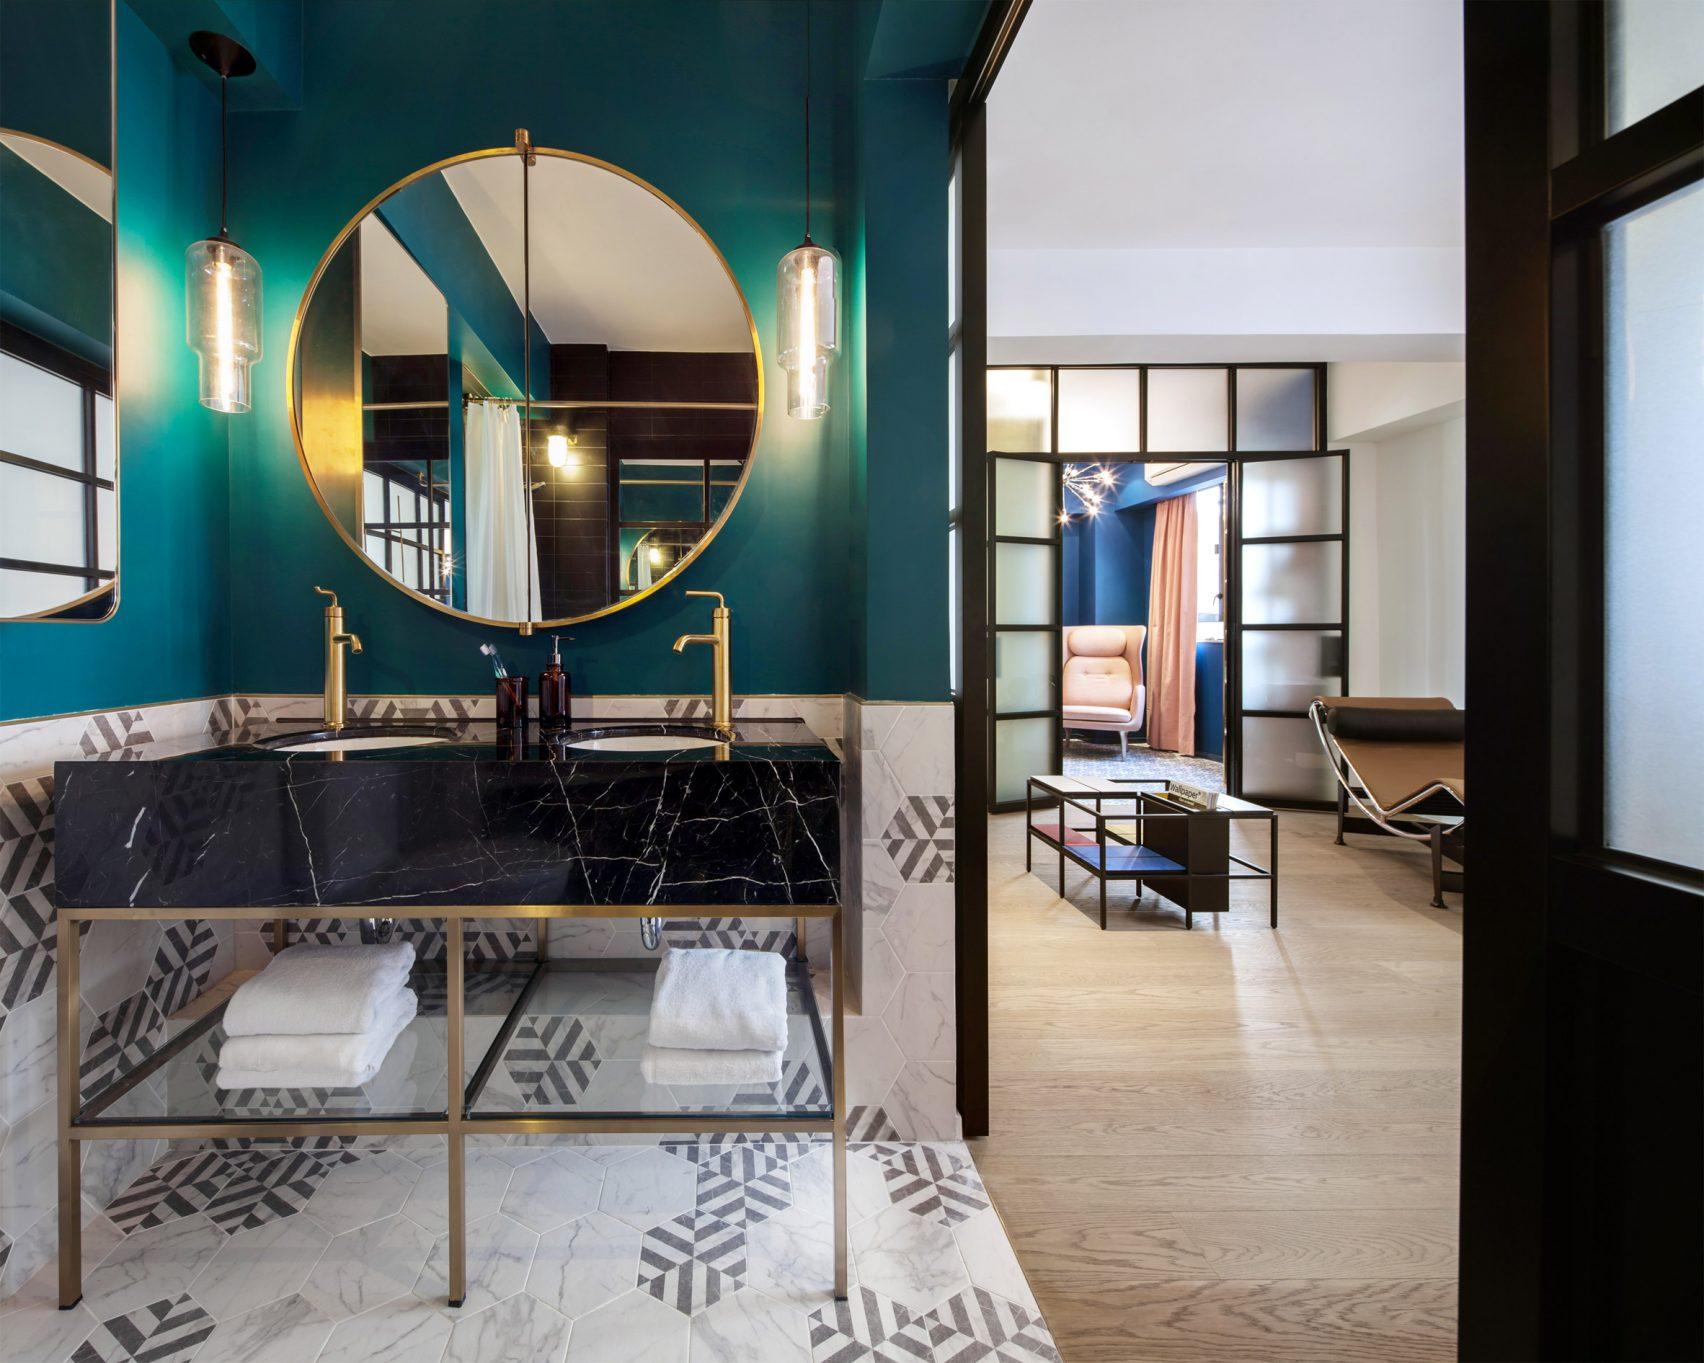 salle-de-bain-turquoise-noir-grand-miroir-rond - Le Blog déco de MLC